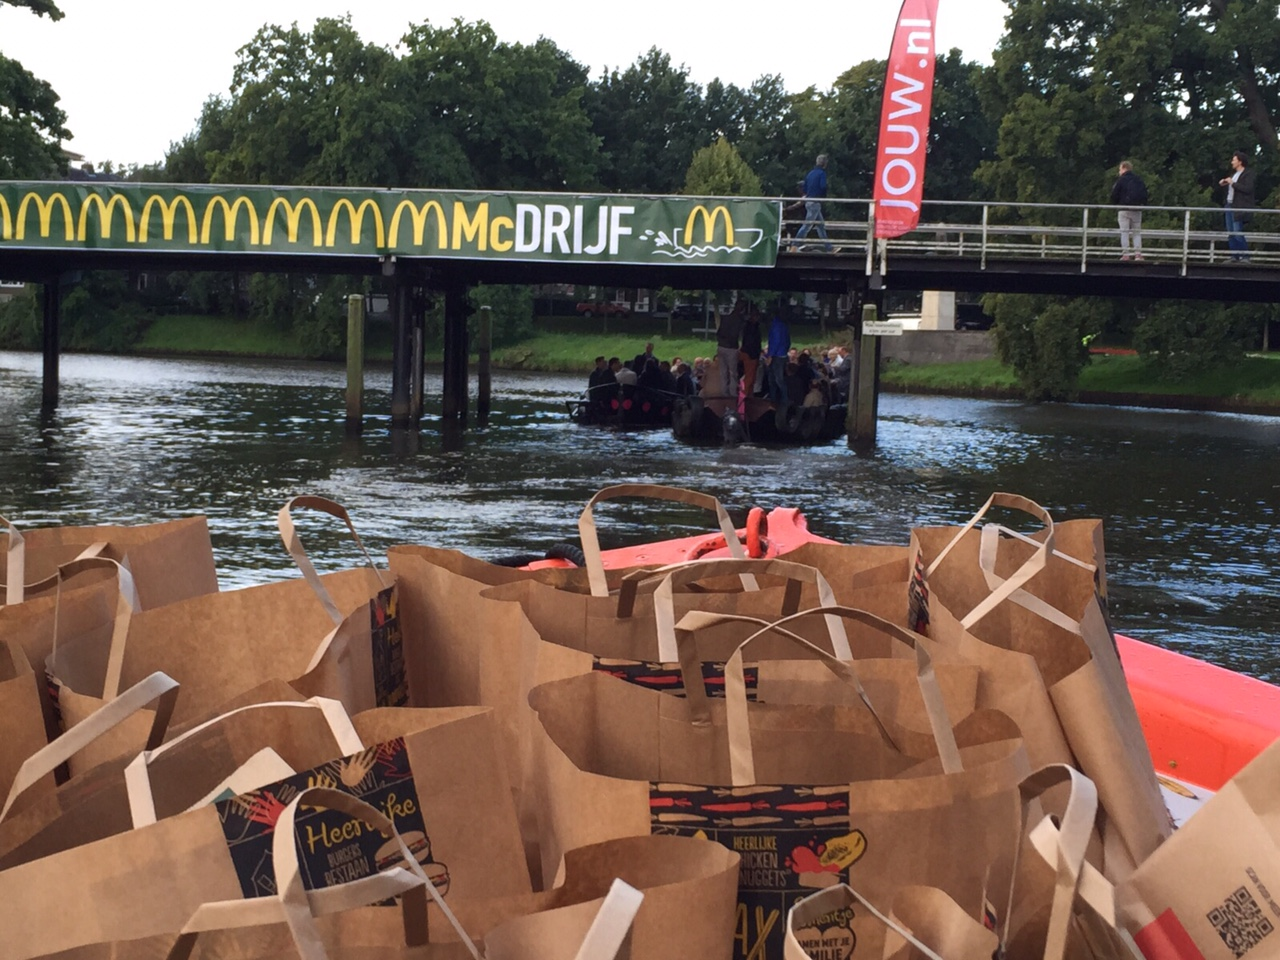 Eerste Nederlandse 'McDrijf' gespot in Zwolle. Bron: FranchiseFormules.NL